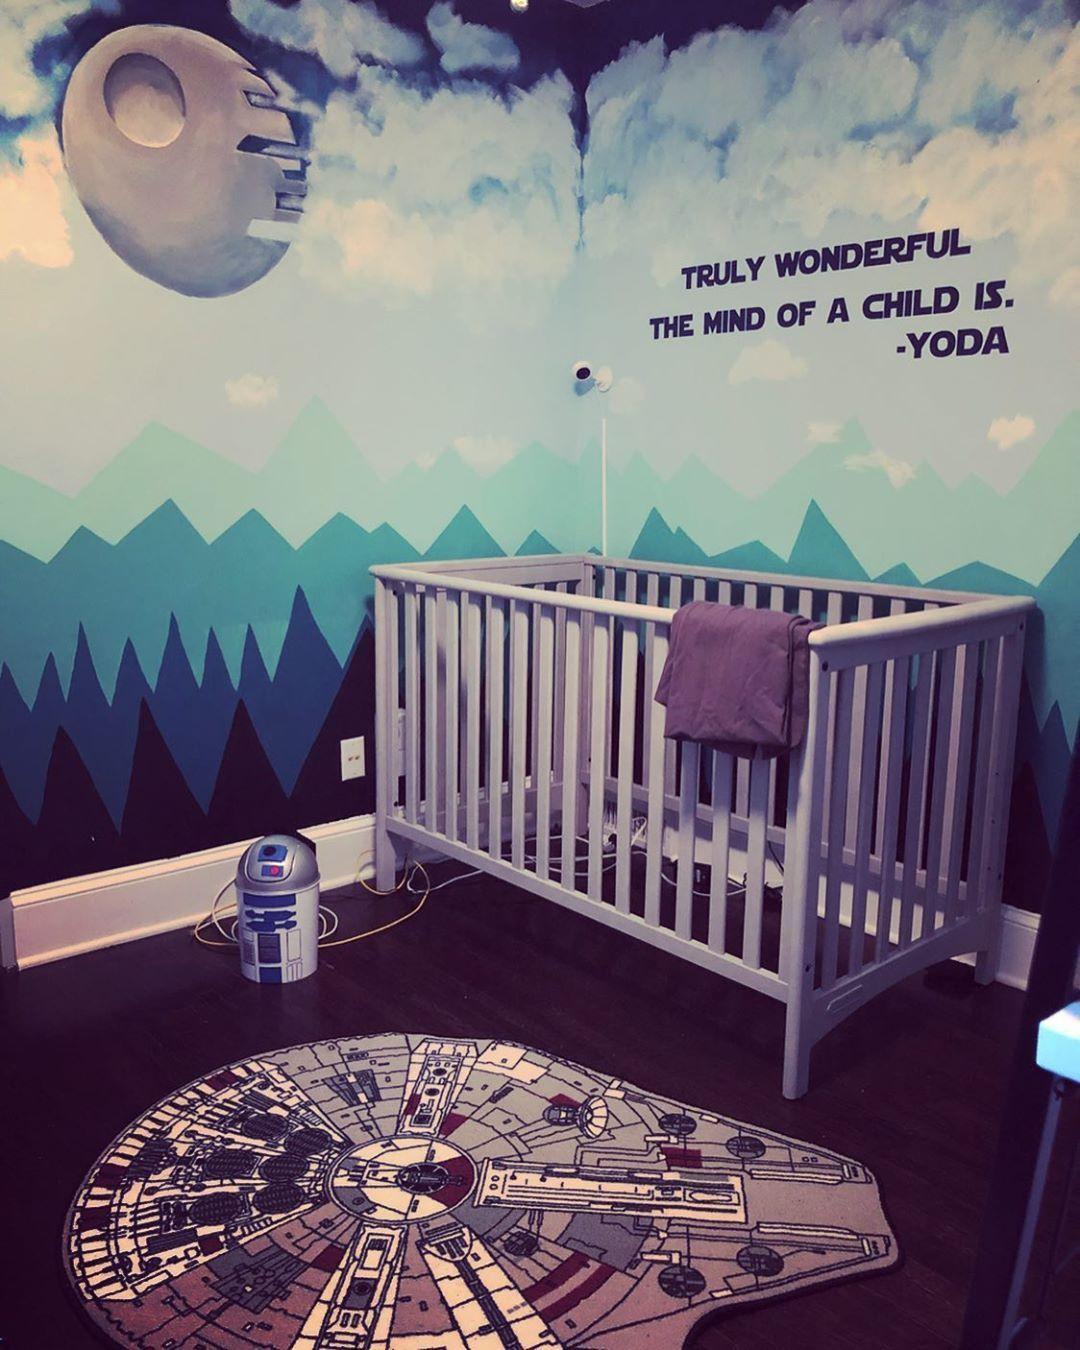 Pin By Brejohn Mccrary On Just Baby Things In 2020 Star Wars Nursery Star Wars Baby Room Star Wars Kids Room